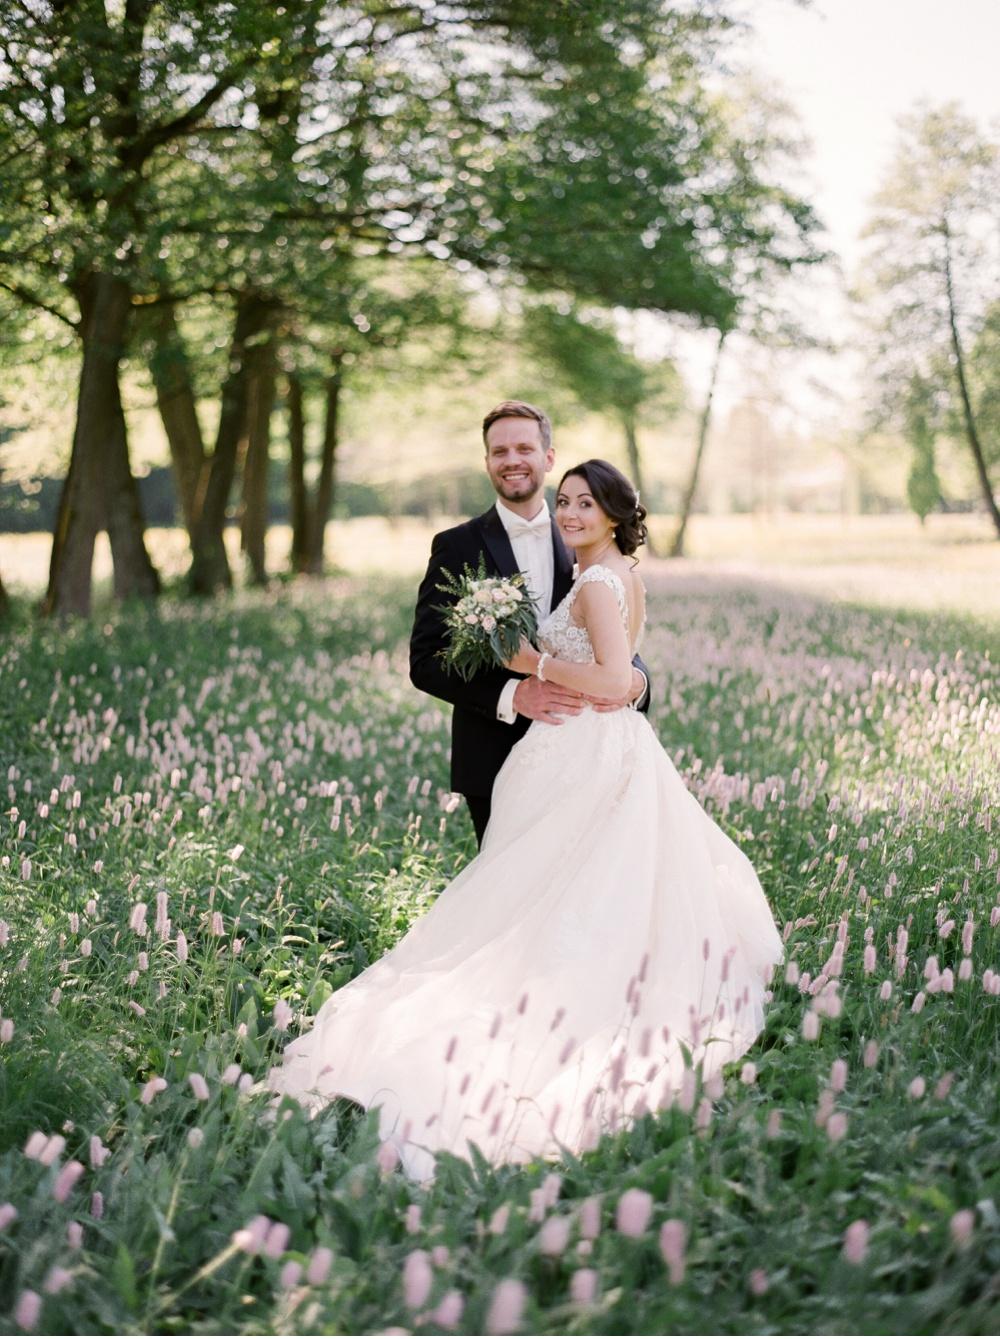 Wedding_Photographer_Tuscany©MadalinaSheldon_0027.jpg